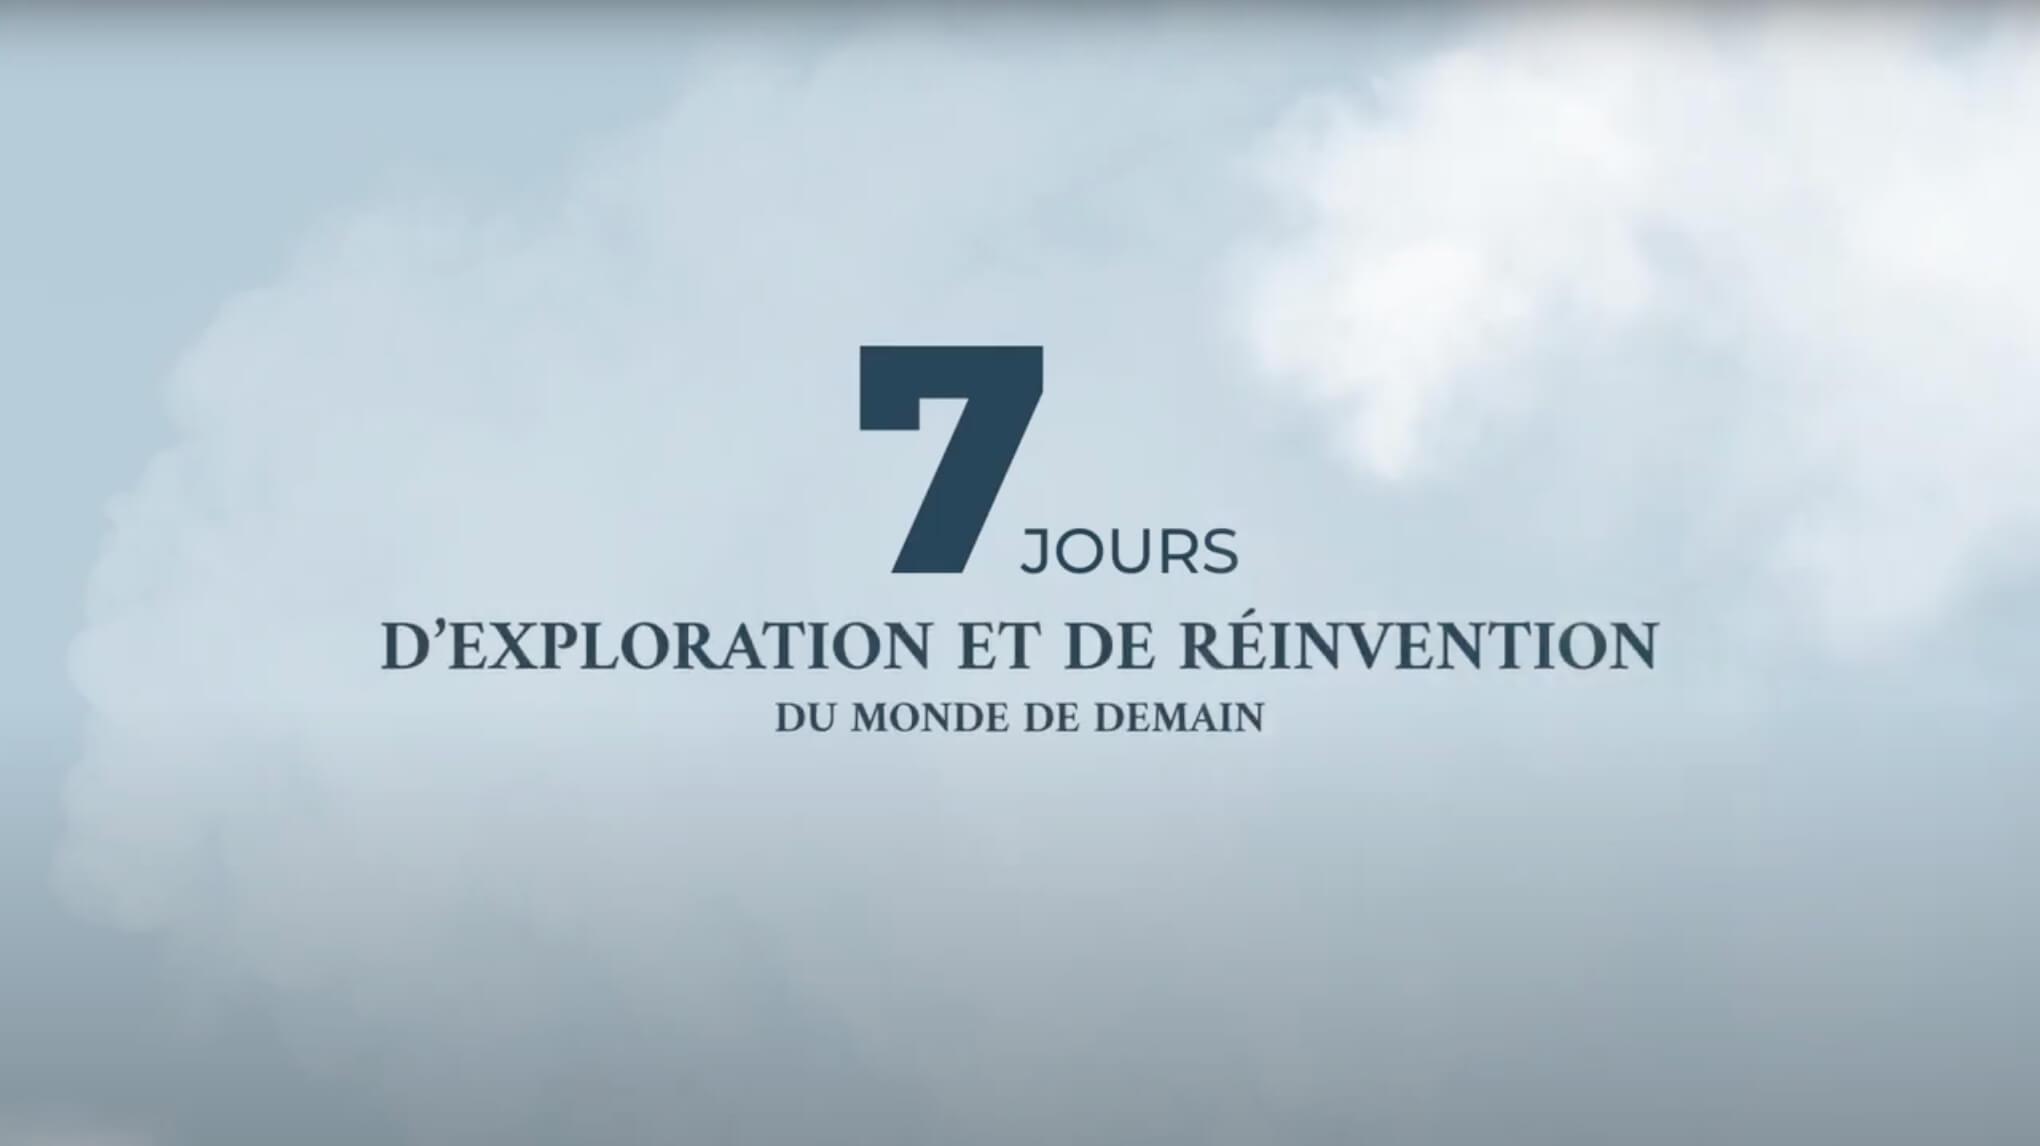 7 jours D'exploration et de réinvention du monde de demain